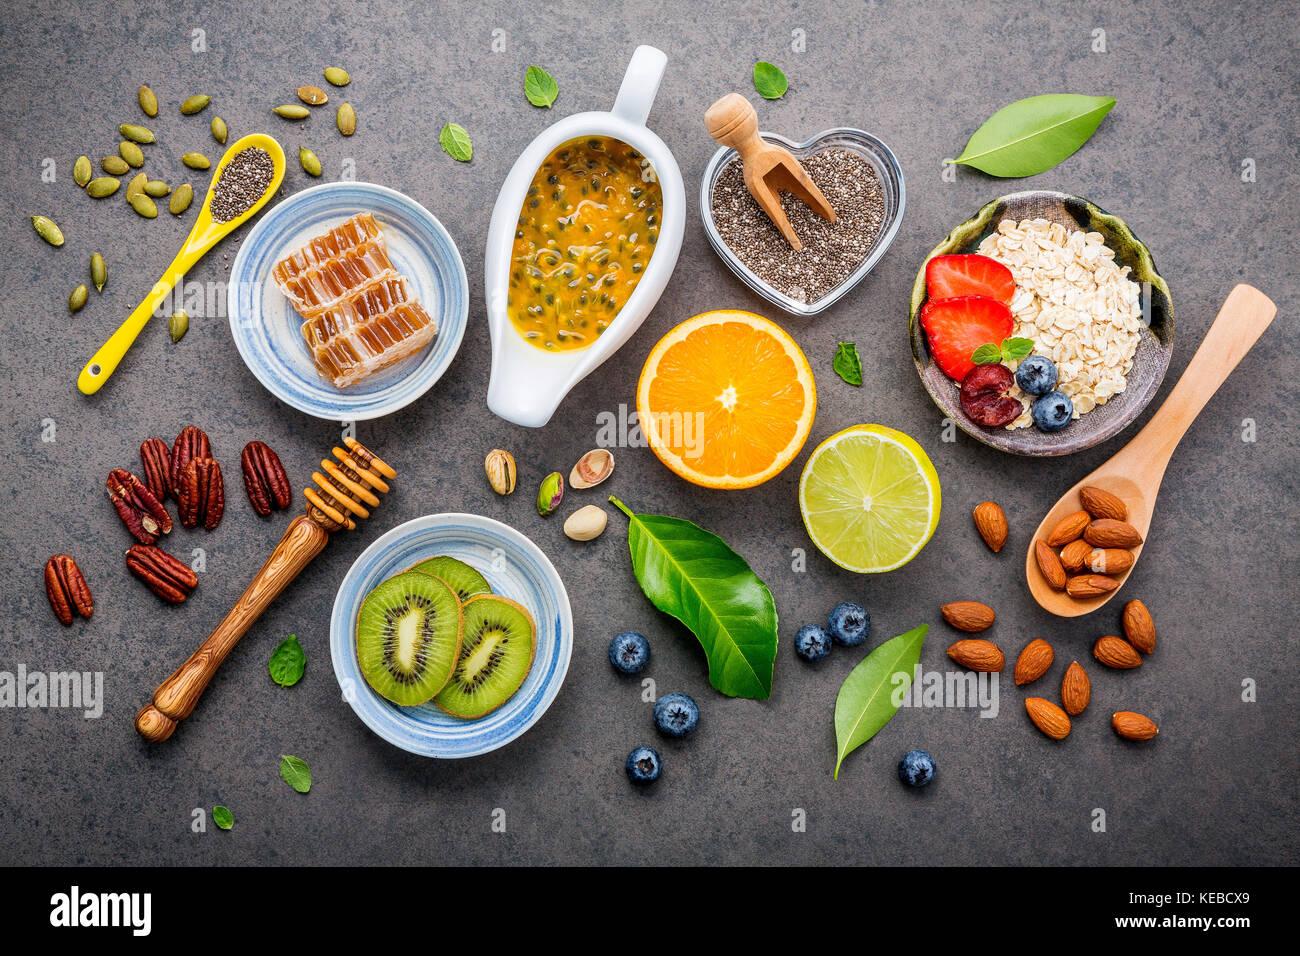 Ingrédients pour les aliments santé contexte noix mélangées, baies, fruits, miel, myrtille, Photo Stock